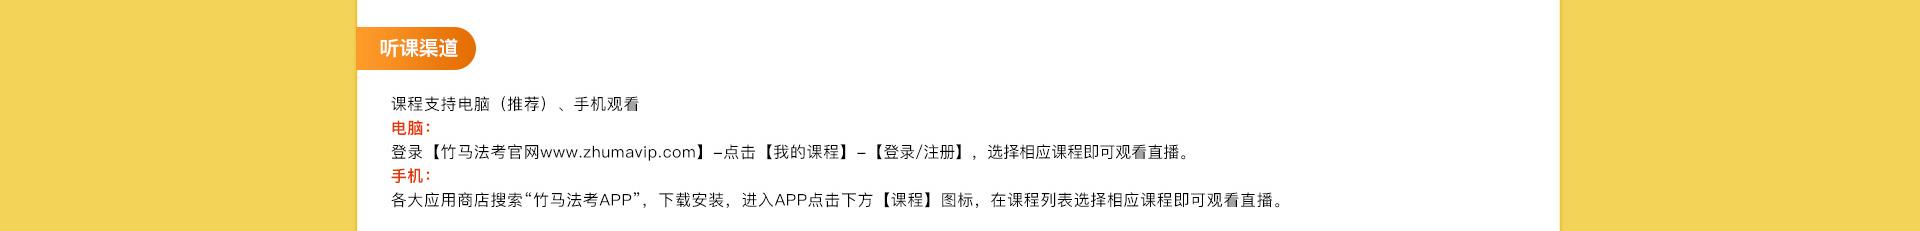 PCxiangqing_09.jpg